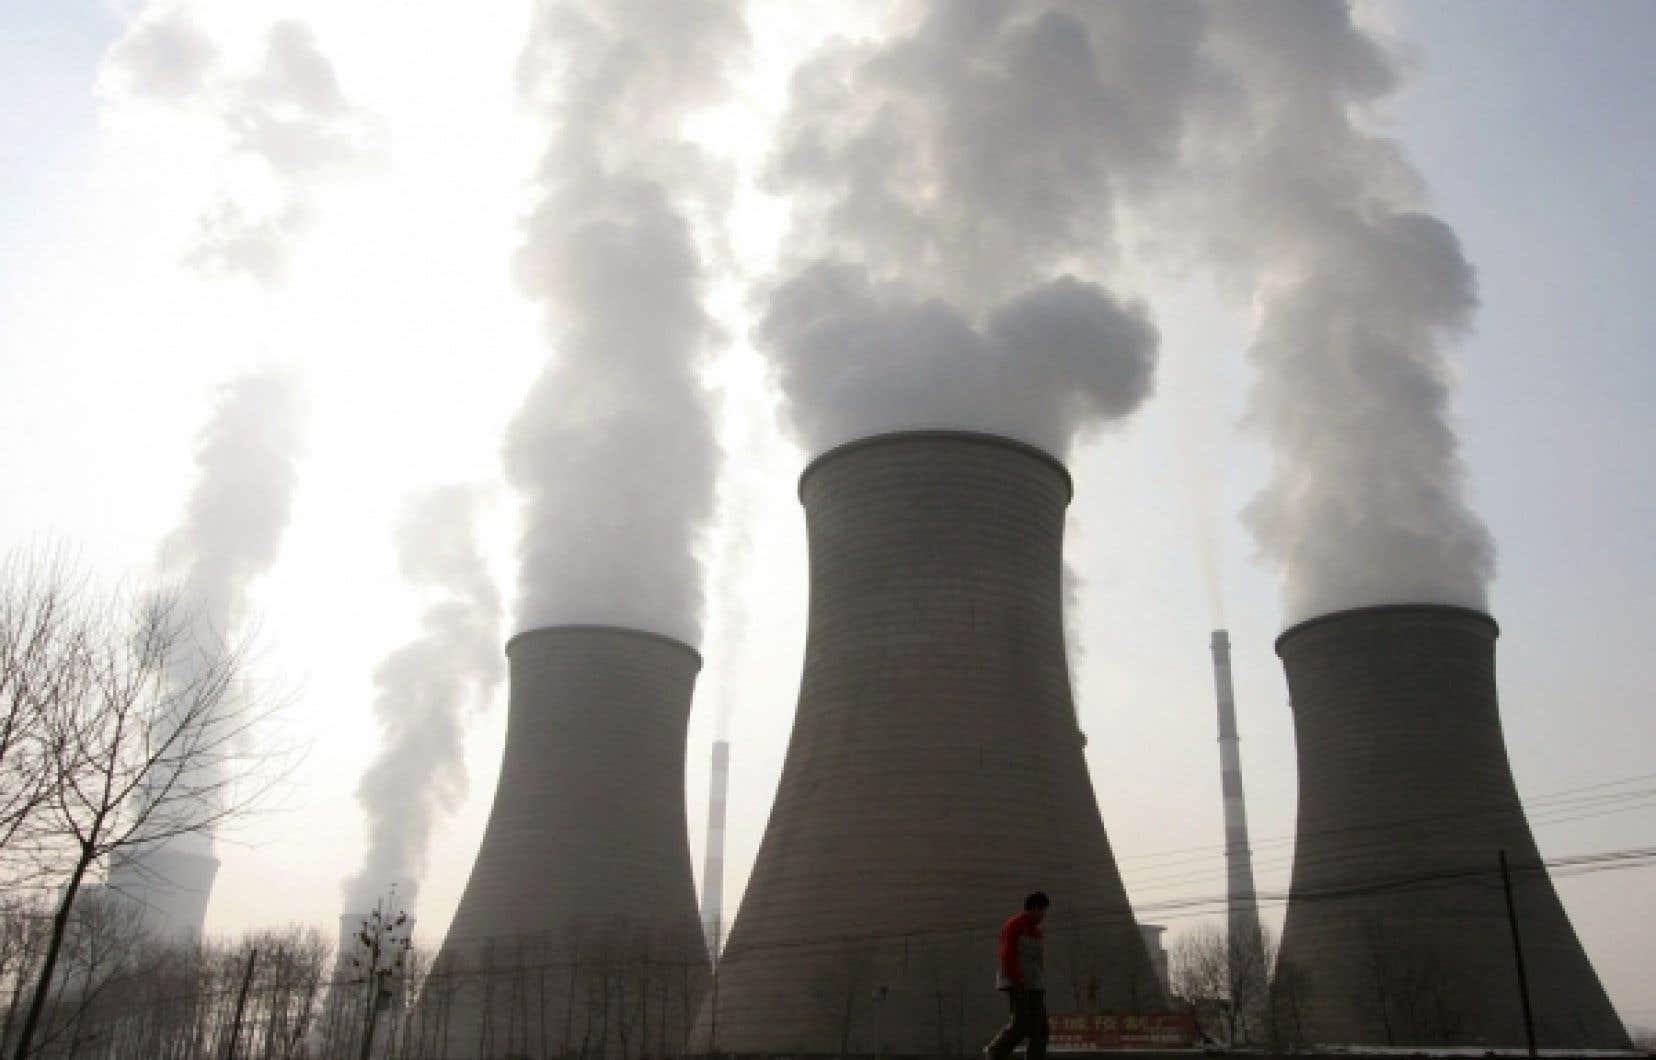 La pollution de l'air, un des premiers dossiers attaqués en environnement, continue de faire 2 millions de morts prématurées, dont 900 000 enfants de moins de cinq ans, en raison de l'usage de combustibles impropres dans les maisons.